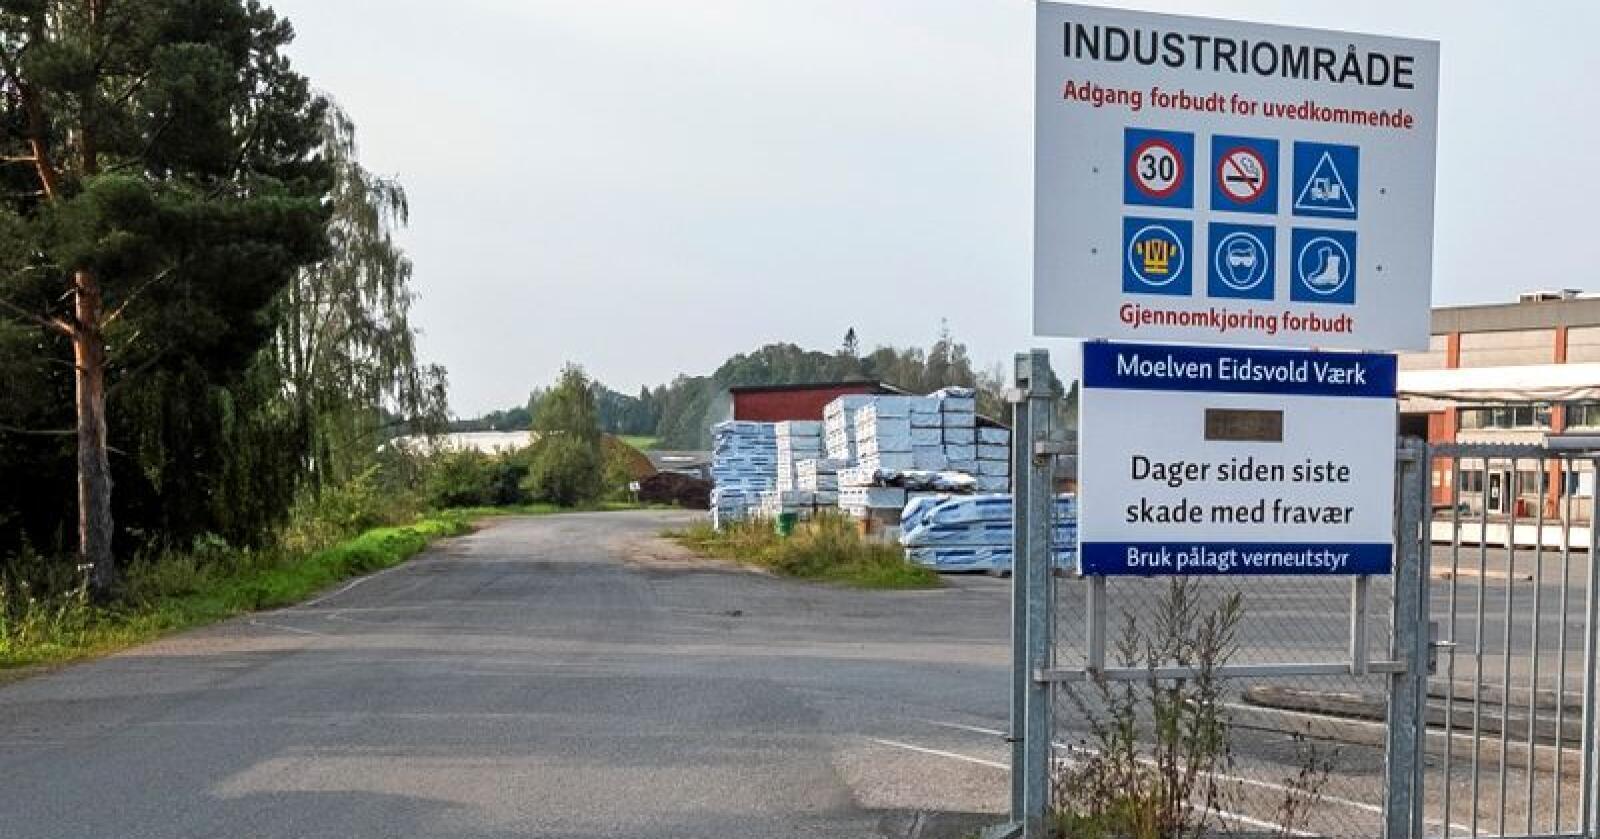 Moelven Eidsvold Værk kan bli lagt ned. Fabrikken har 60 ansatte. Foto: Moelven